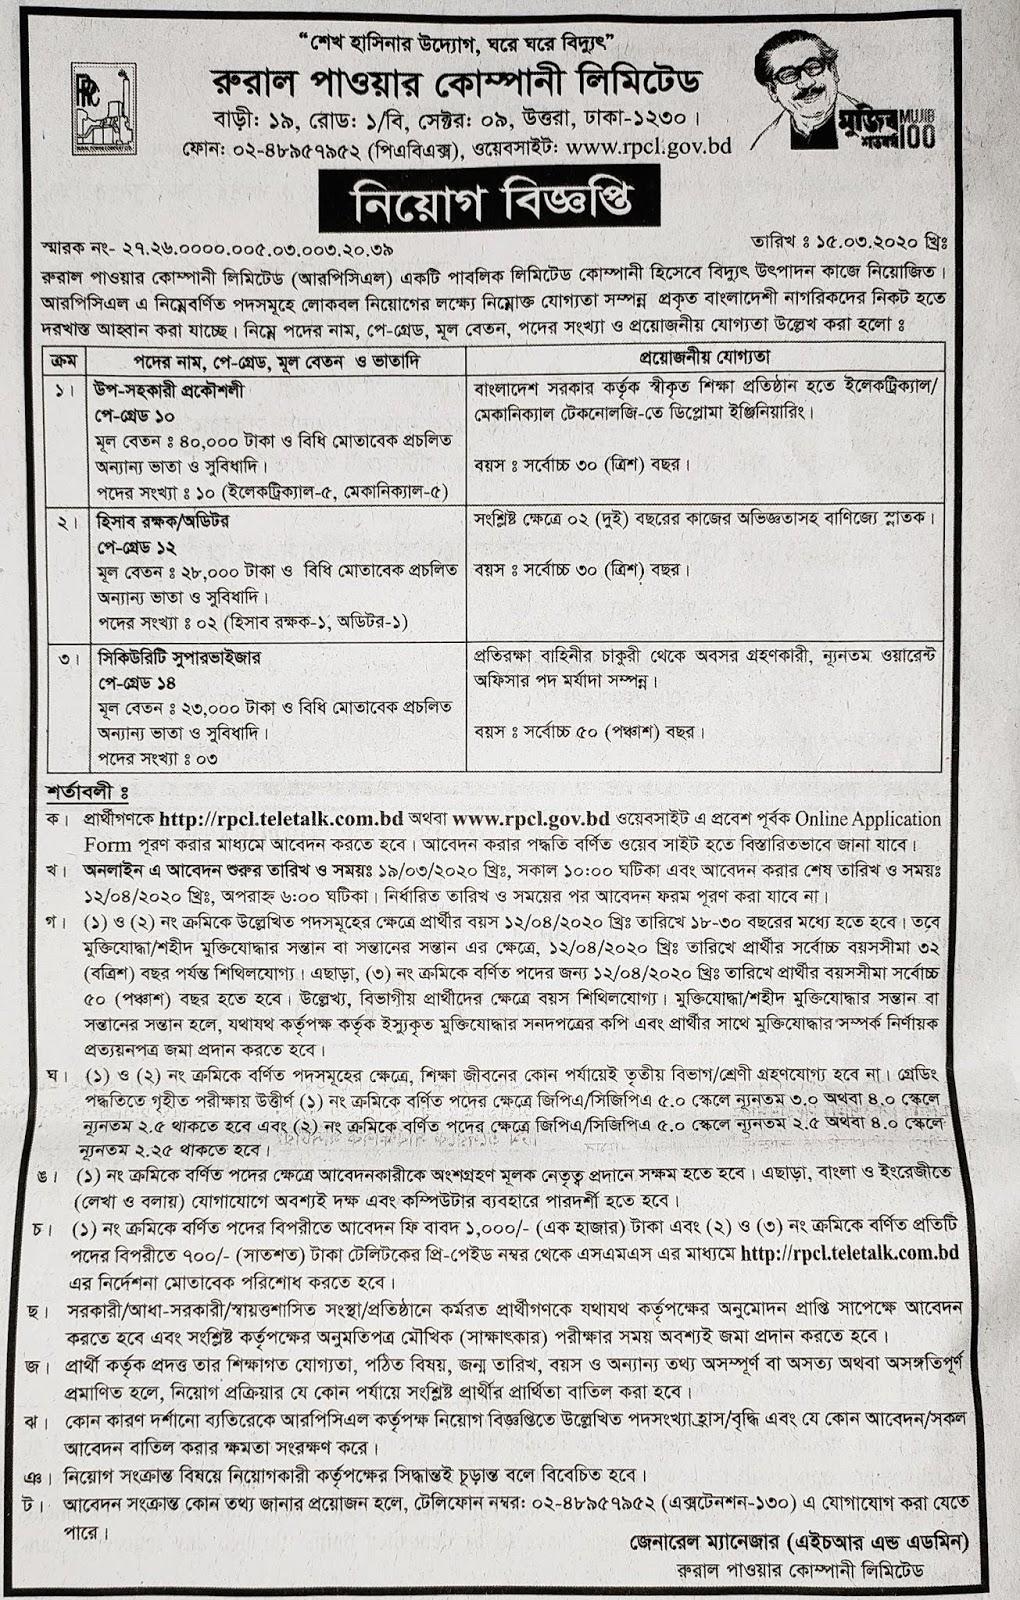 রুরাল পাওয়ার কোম্পানি লিমিটেড এ চাকরির নিয়োগ বিজ্ঞপ্তি প্রকাশ || RPCL Job Circular